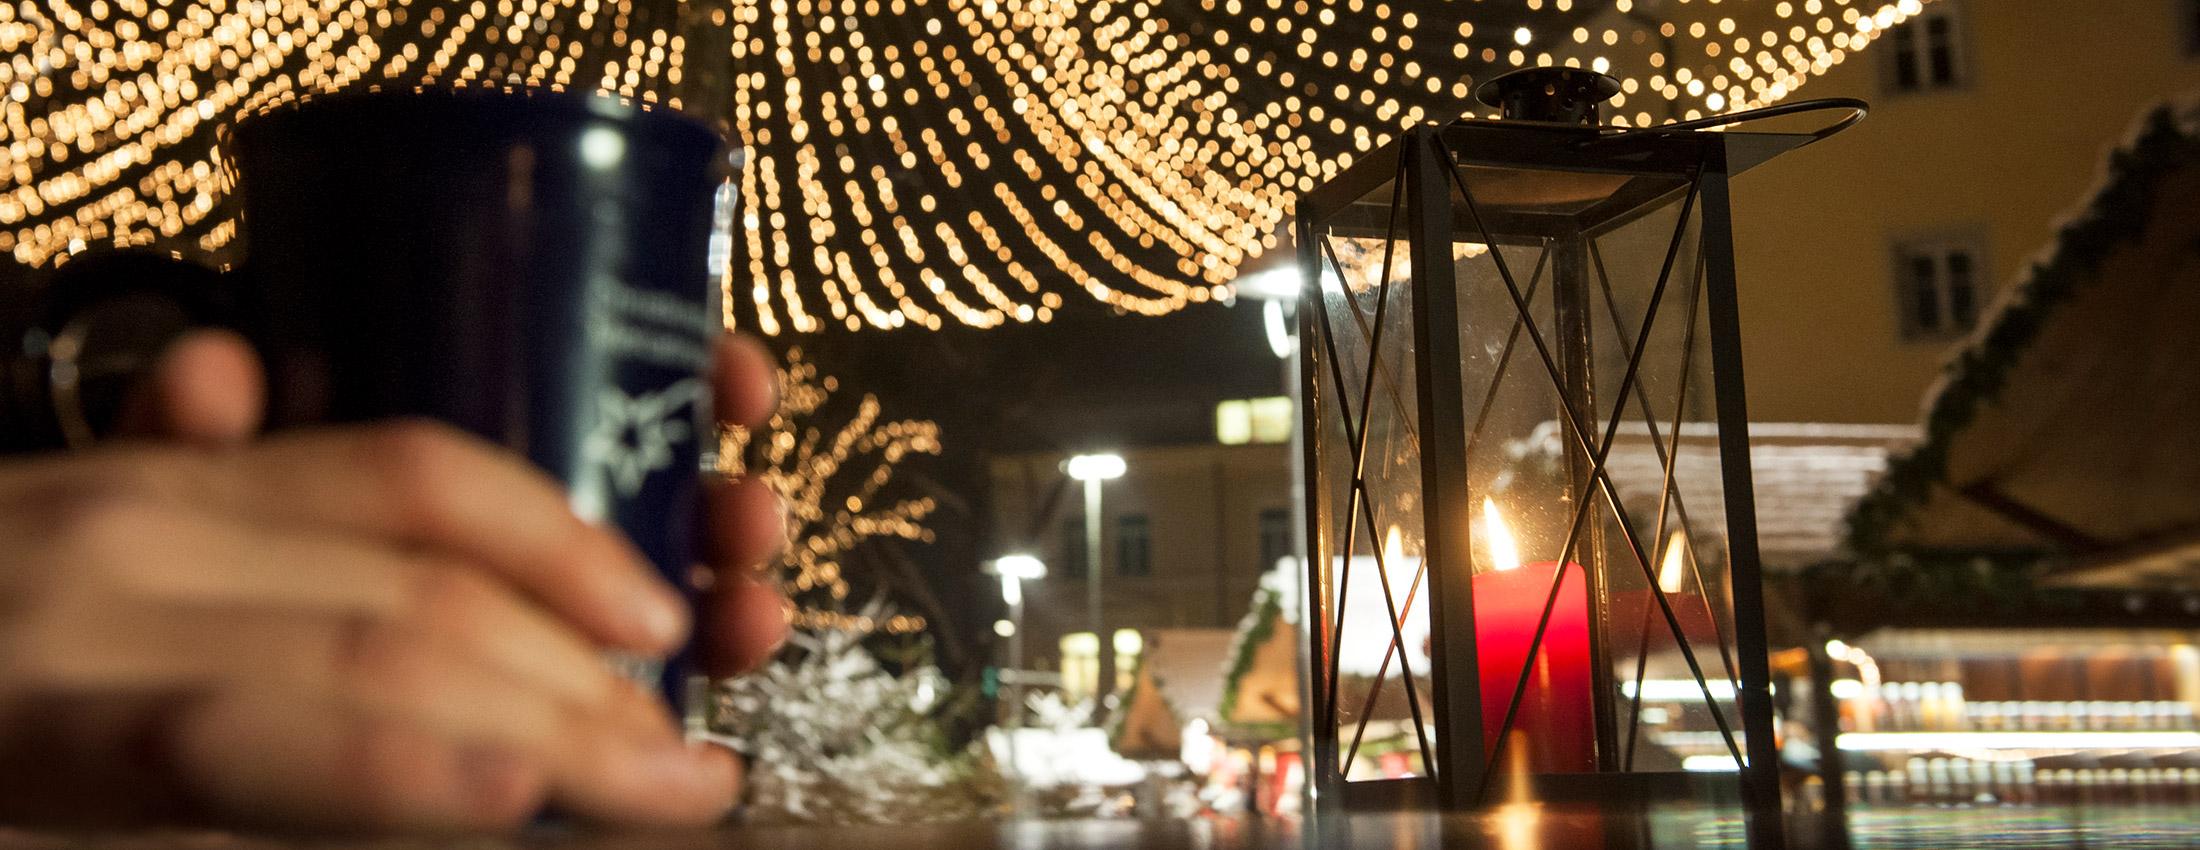 Christlrumerhof Slider Bruneck Weihnachtsmarkt